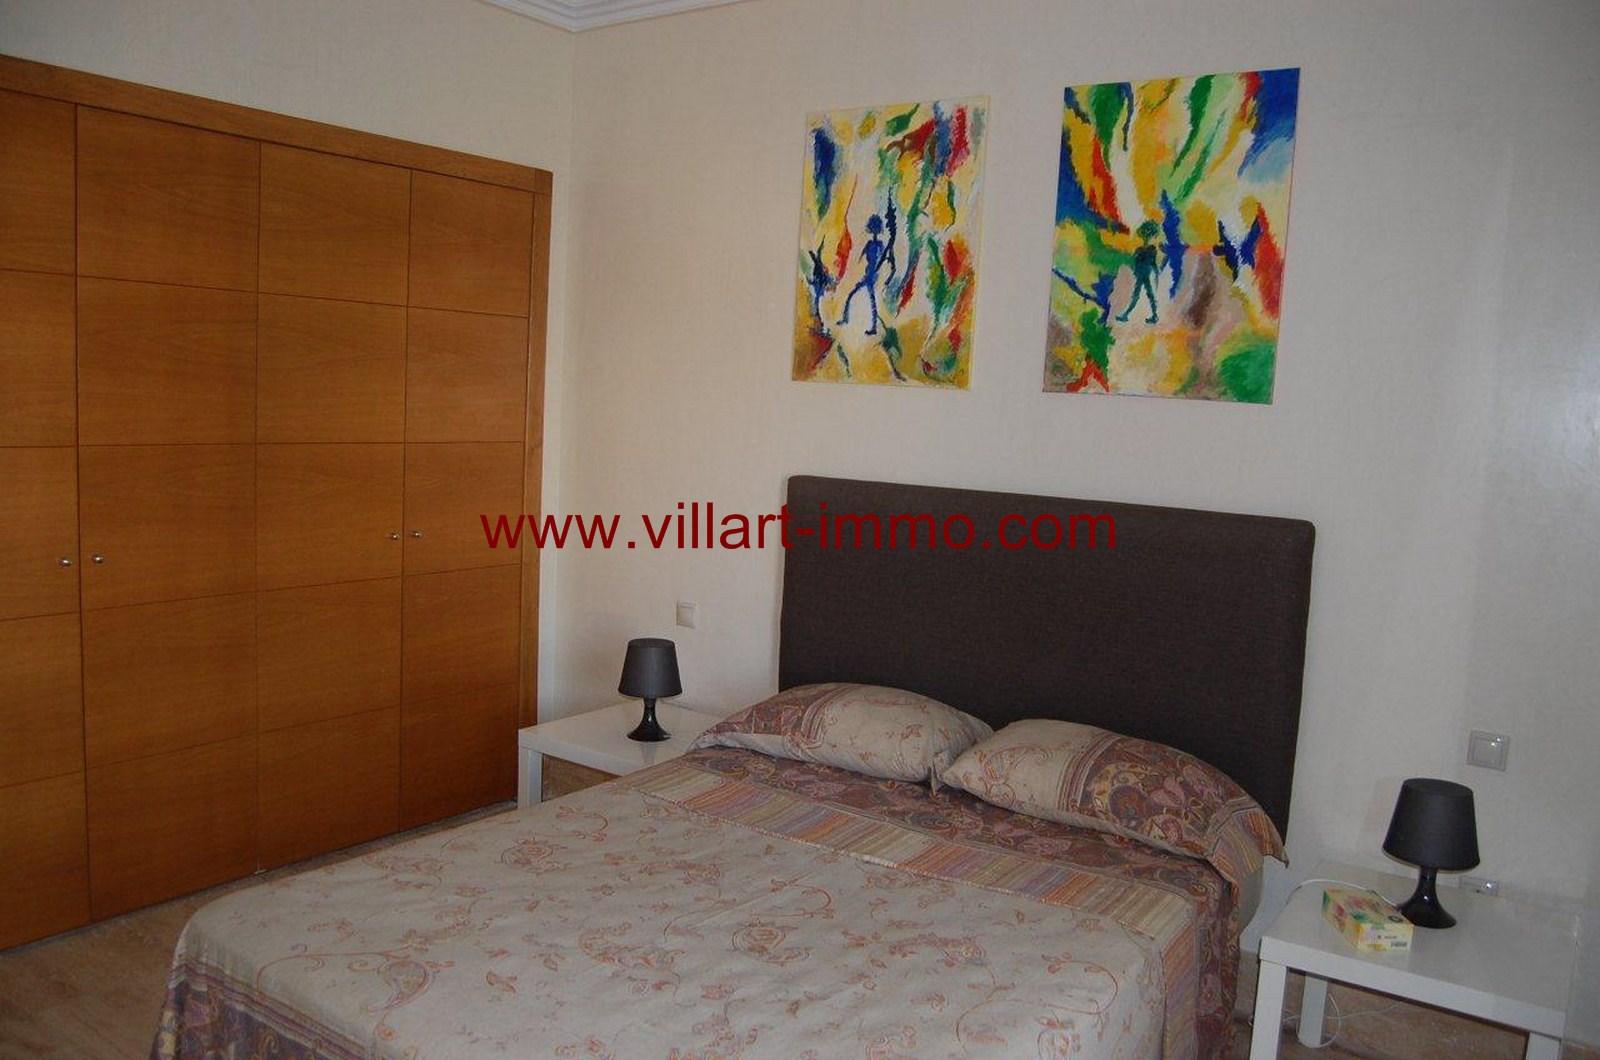 4-vente-appartement-tanger-achakar-chambre-1-va389-villart-immo